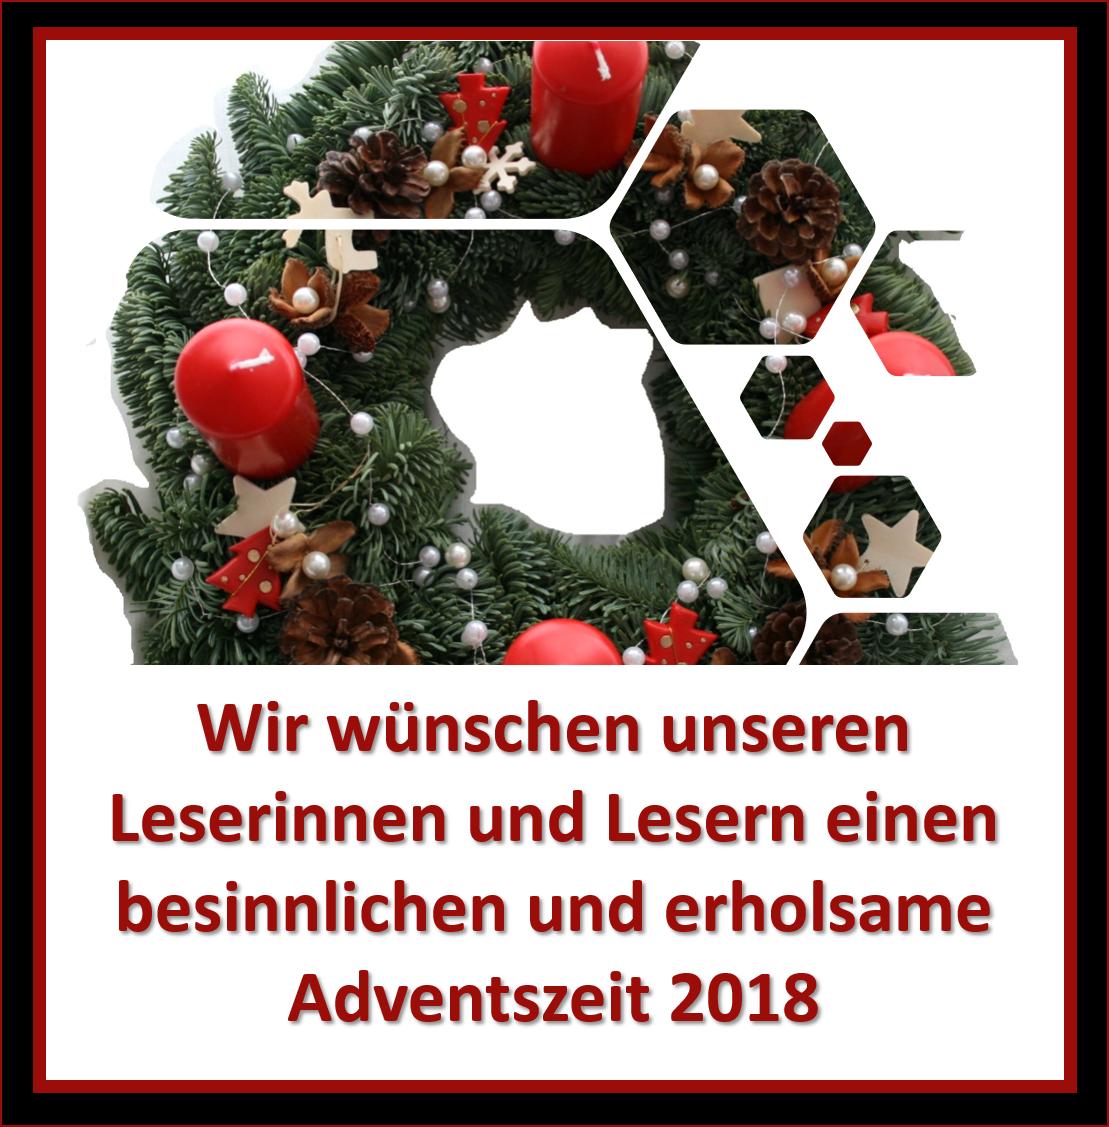 Adventswünsche 2018